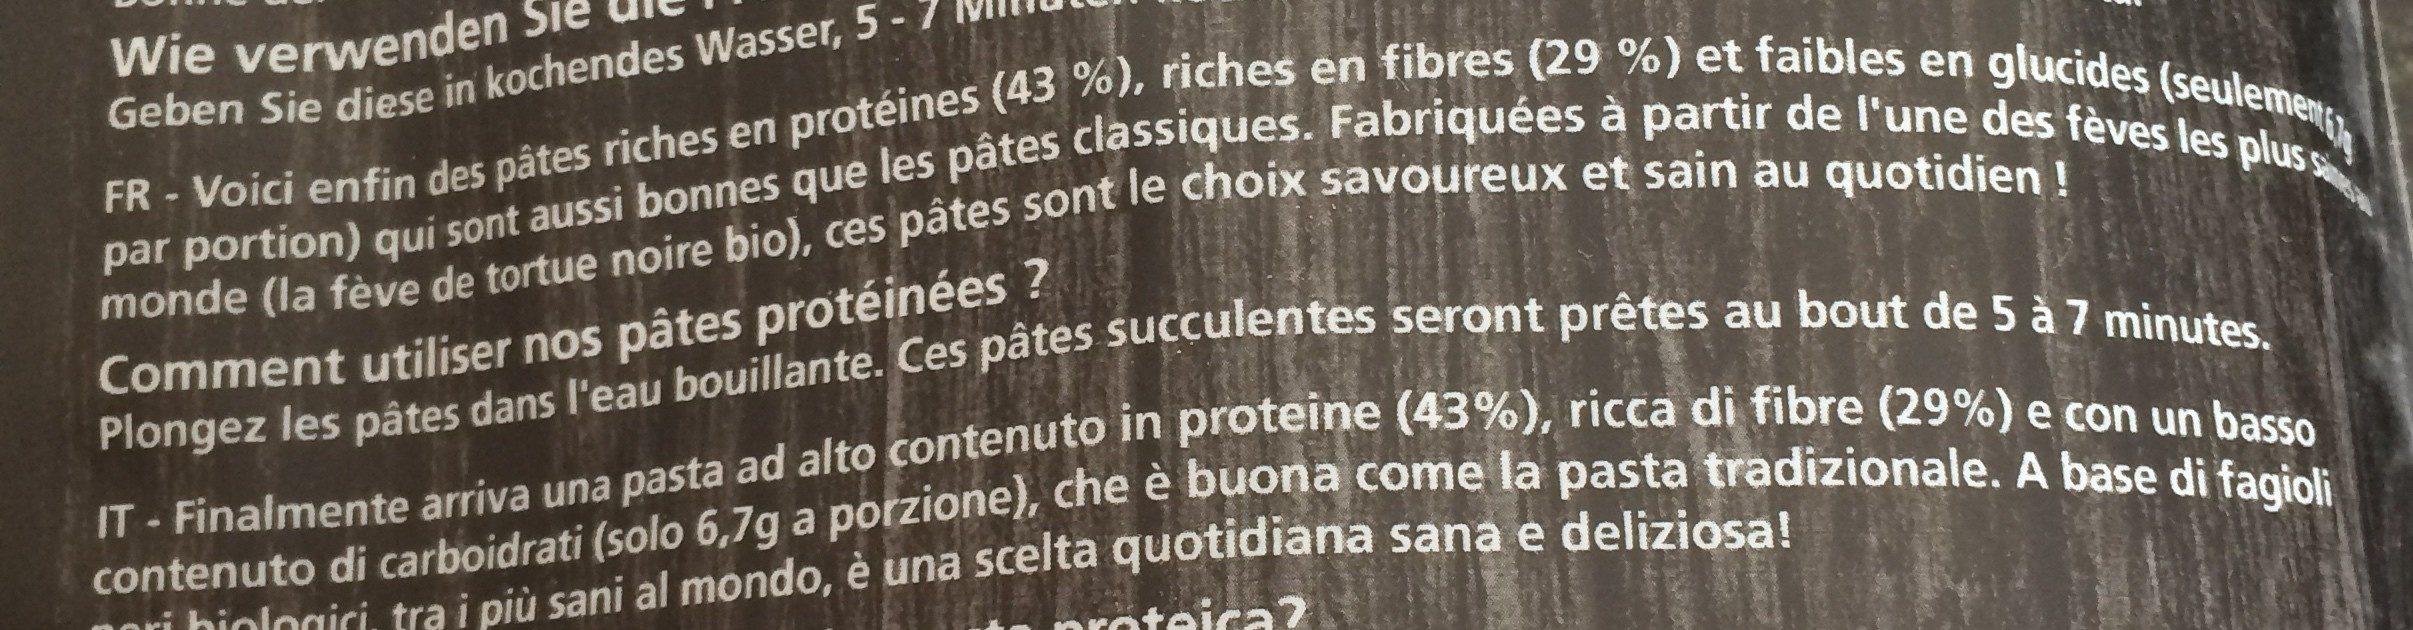 Protein pasta - Ingrédients - fr